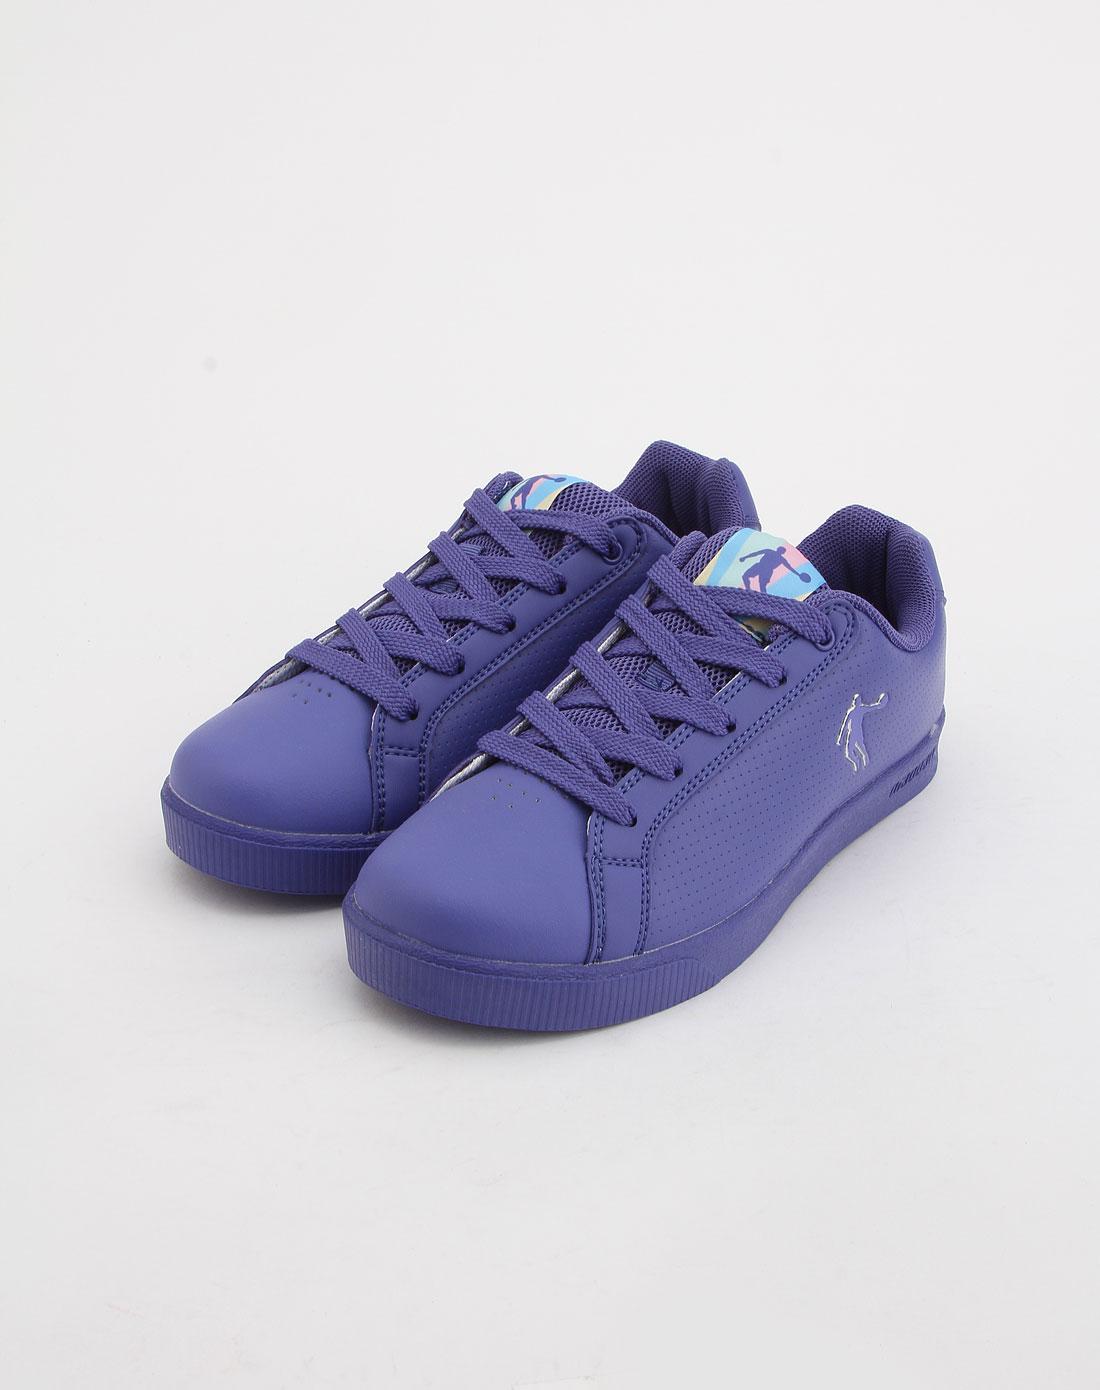 我的滑板鞋钢琴谱 时尚滑板鞋 时尚滑板鞋